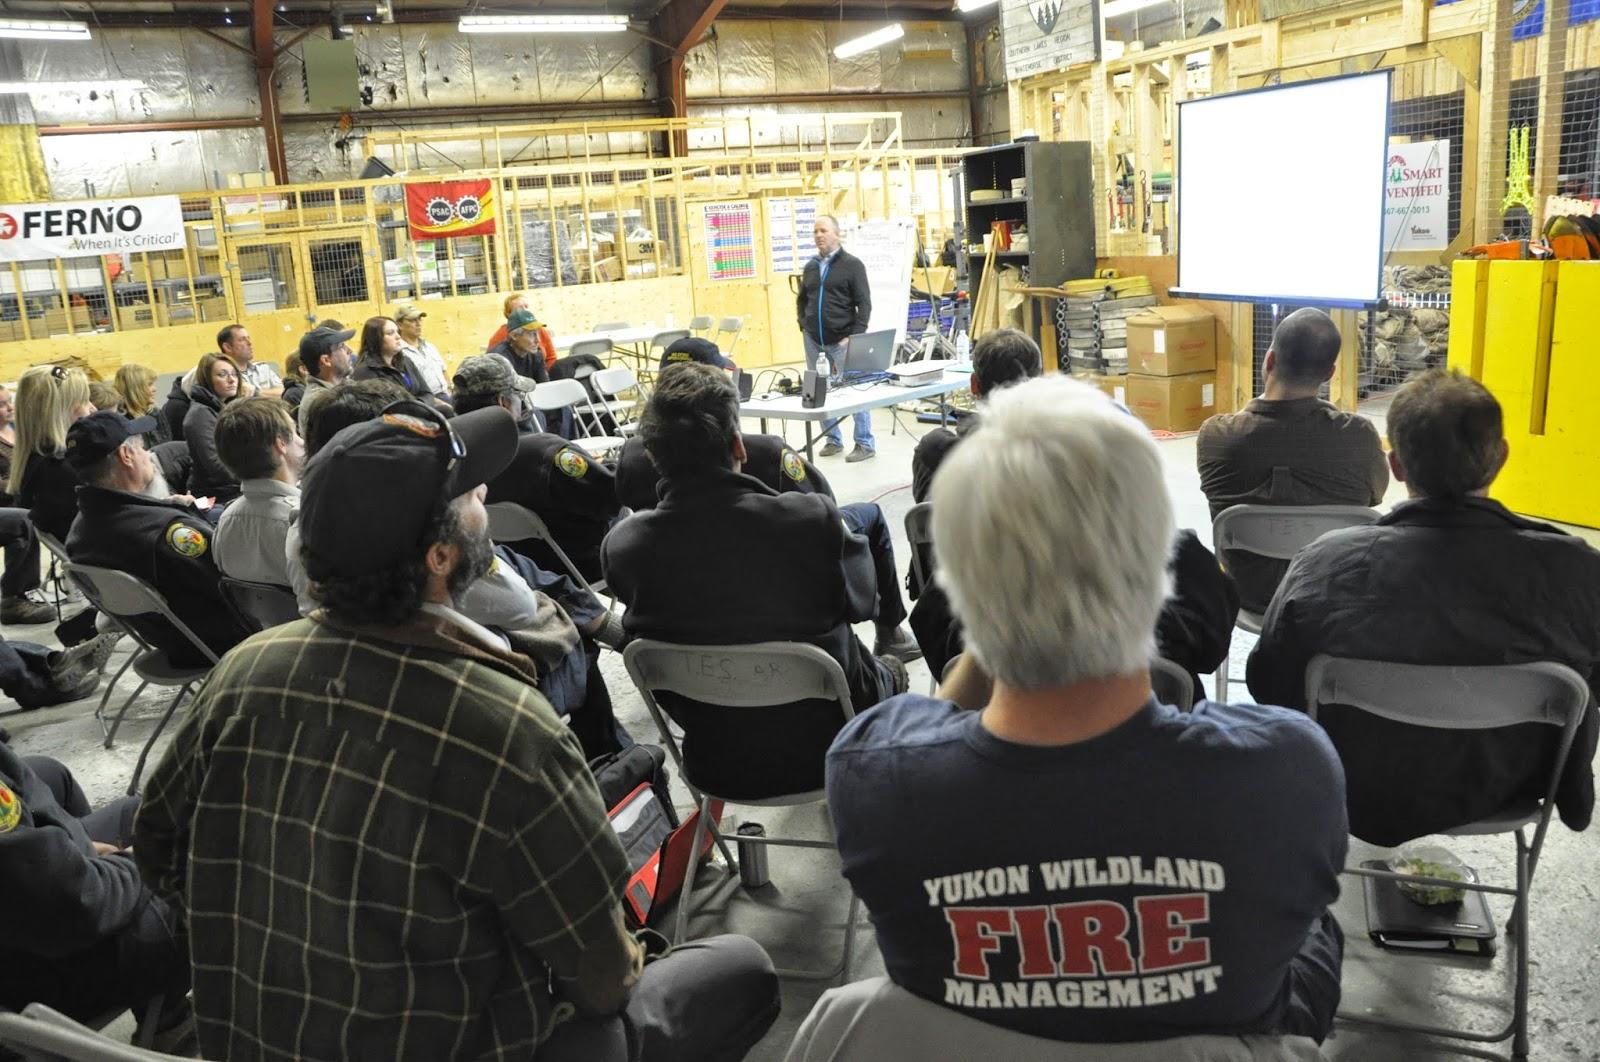 Yukon Wildland Fire Management